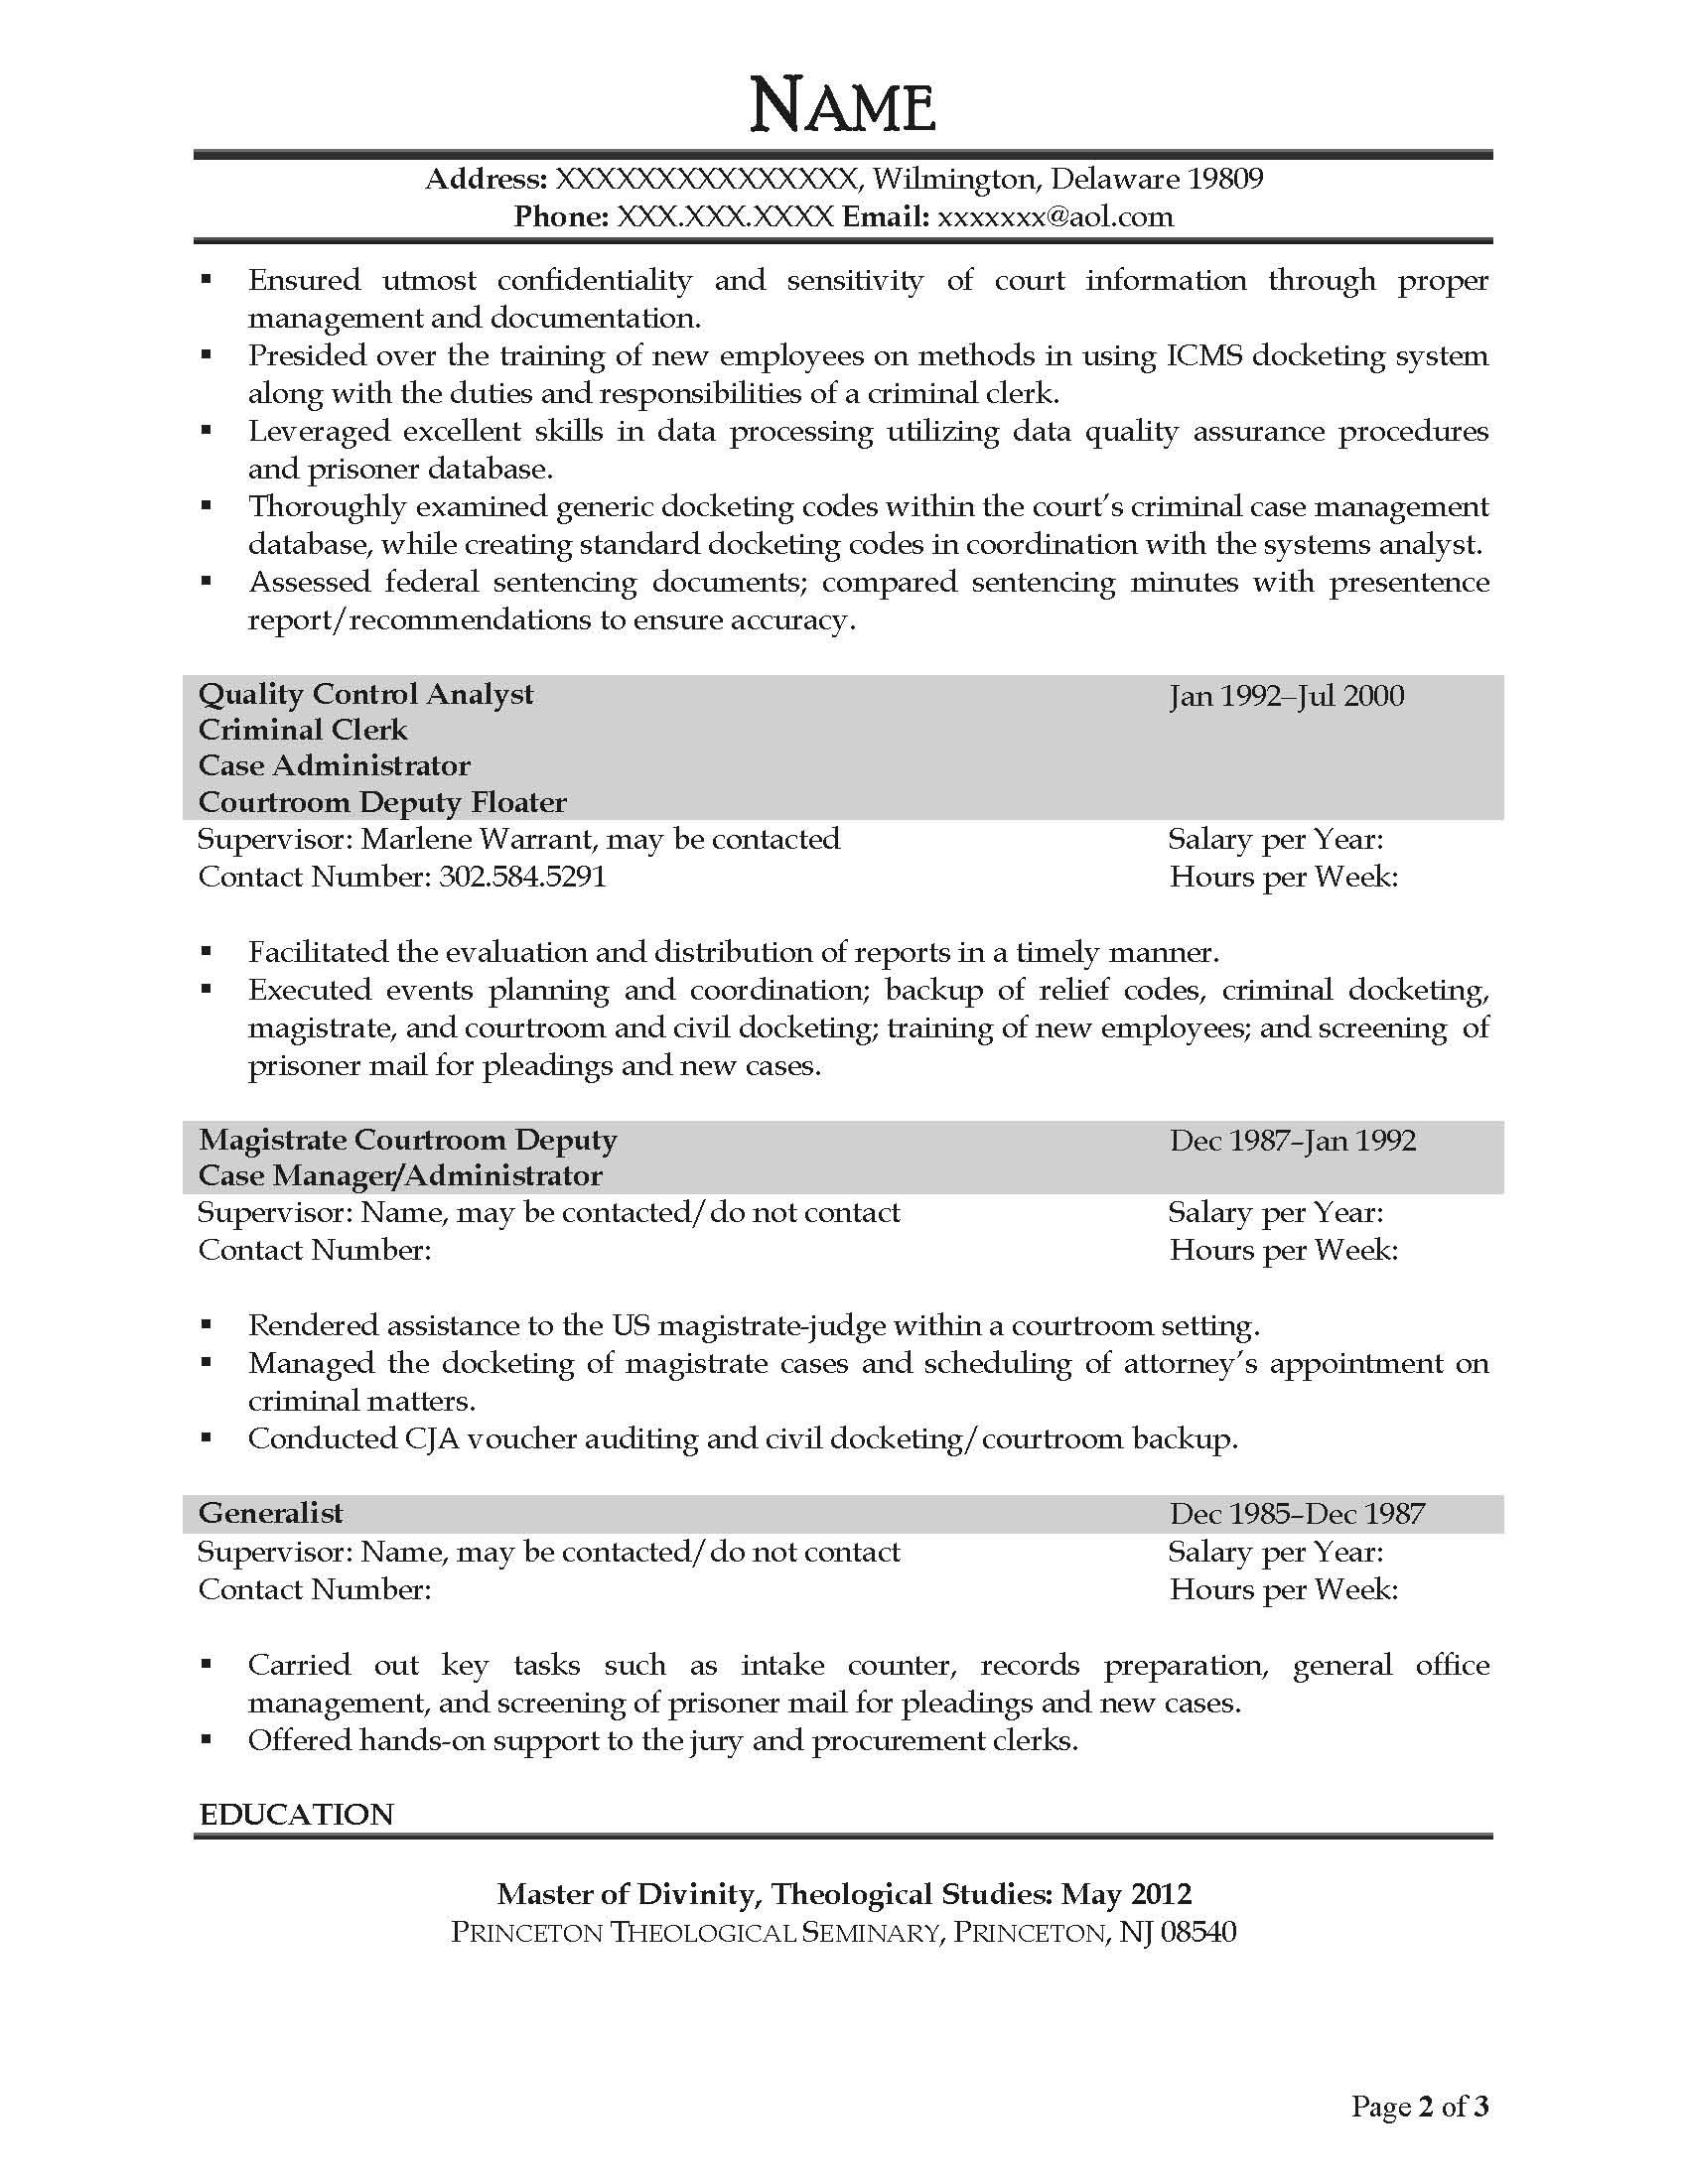 Case Administrator Resume Sample - After-2